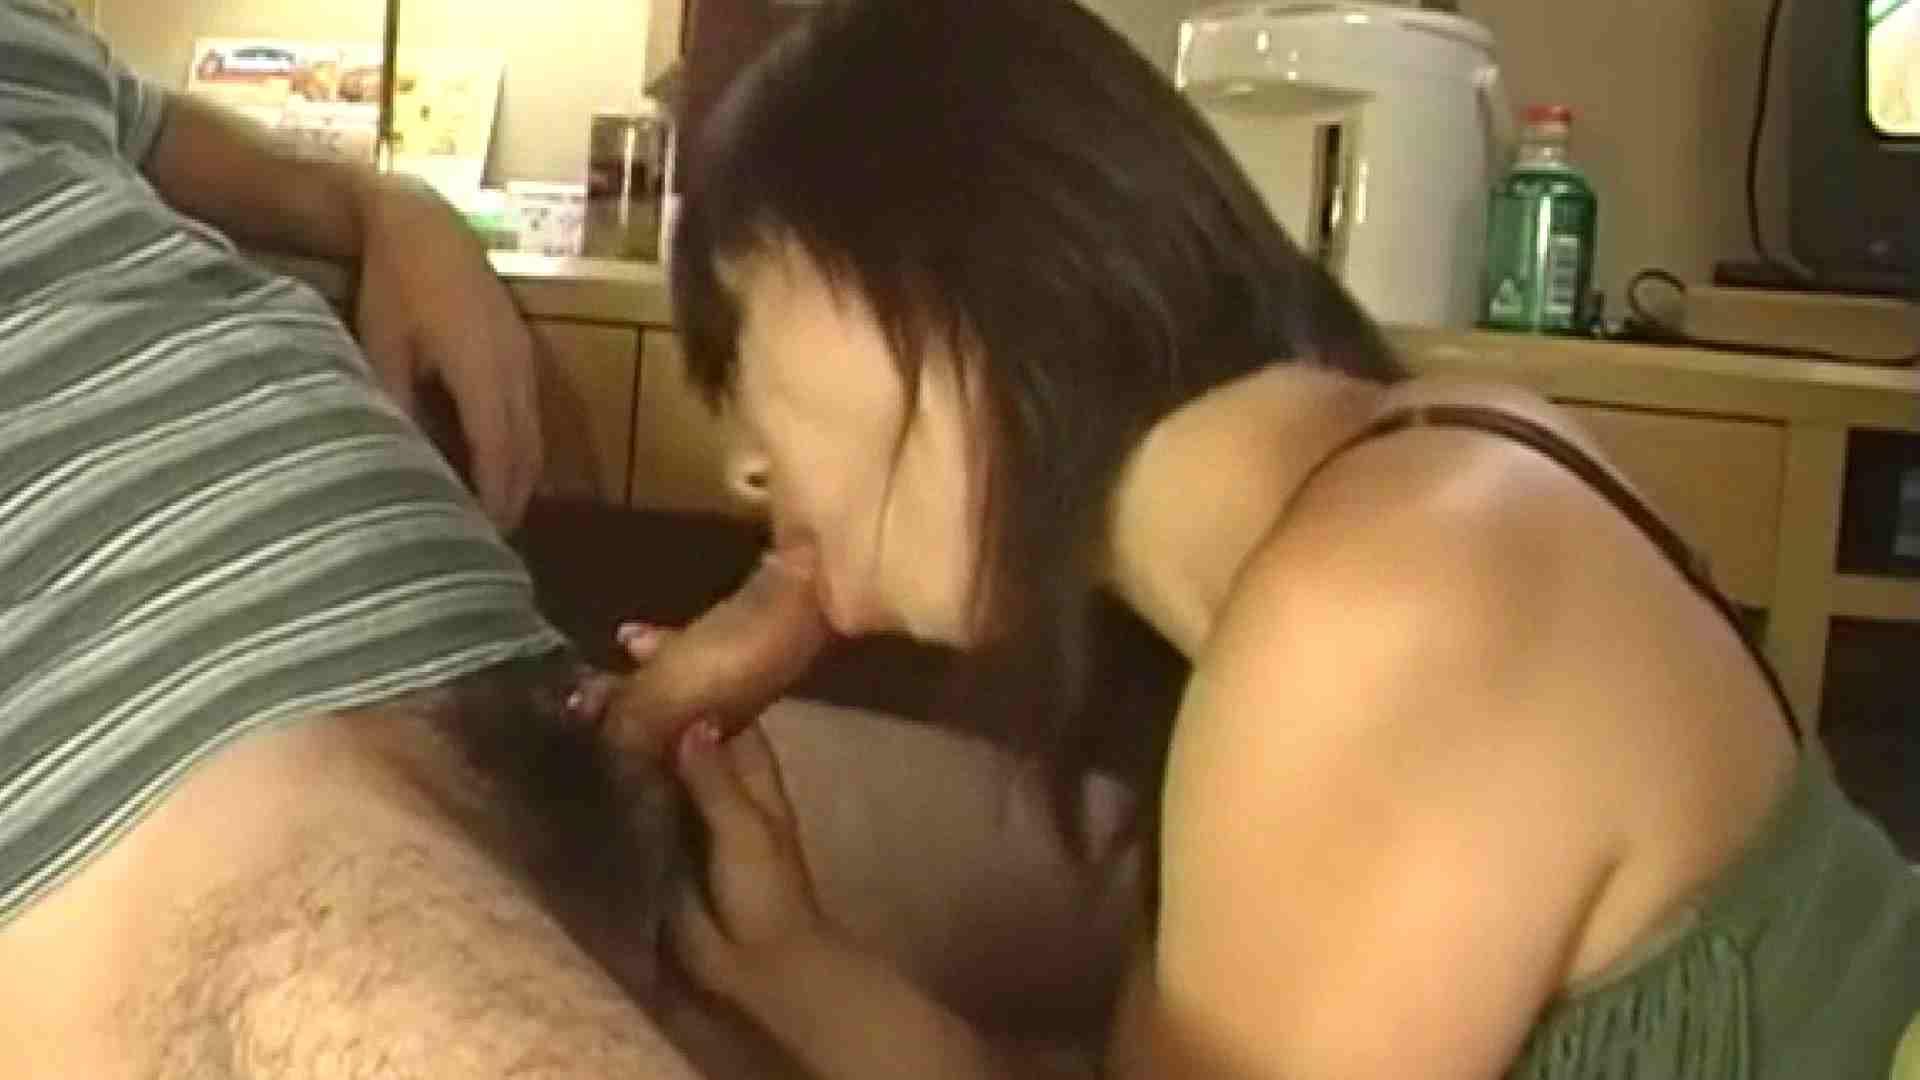 Hで可愛くてケシカラン! Vol.11 エッチな女子大生 ワレメ動画紹介 48pic 5